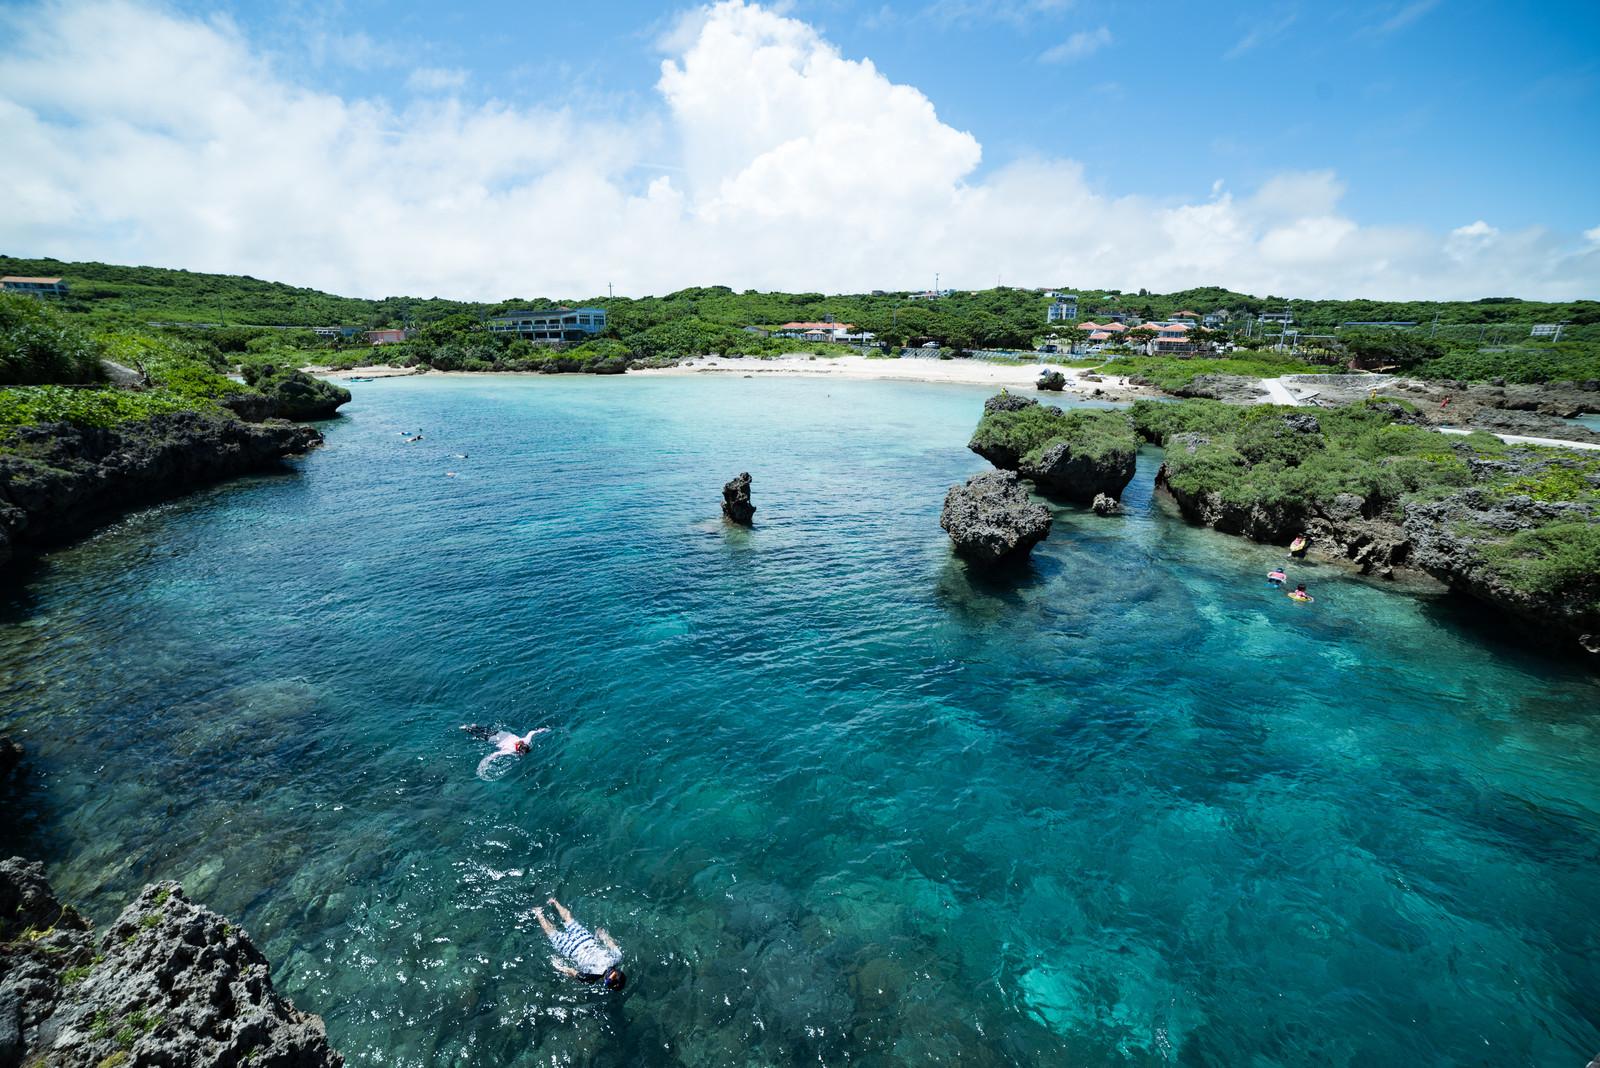 隠岐の島の観光おすすめスポット!日帰りプランやモデルコースも!